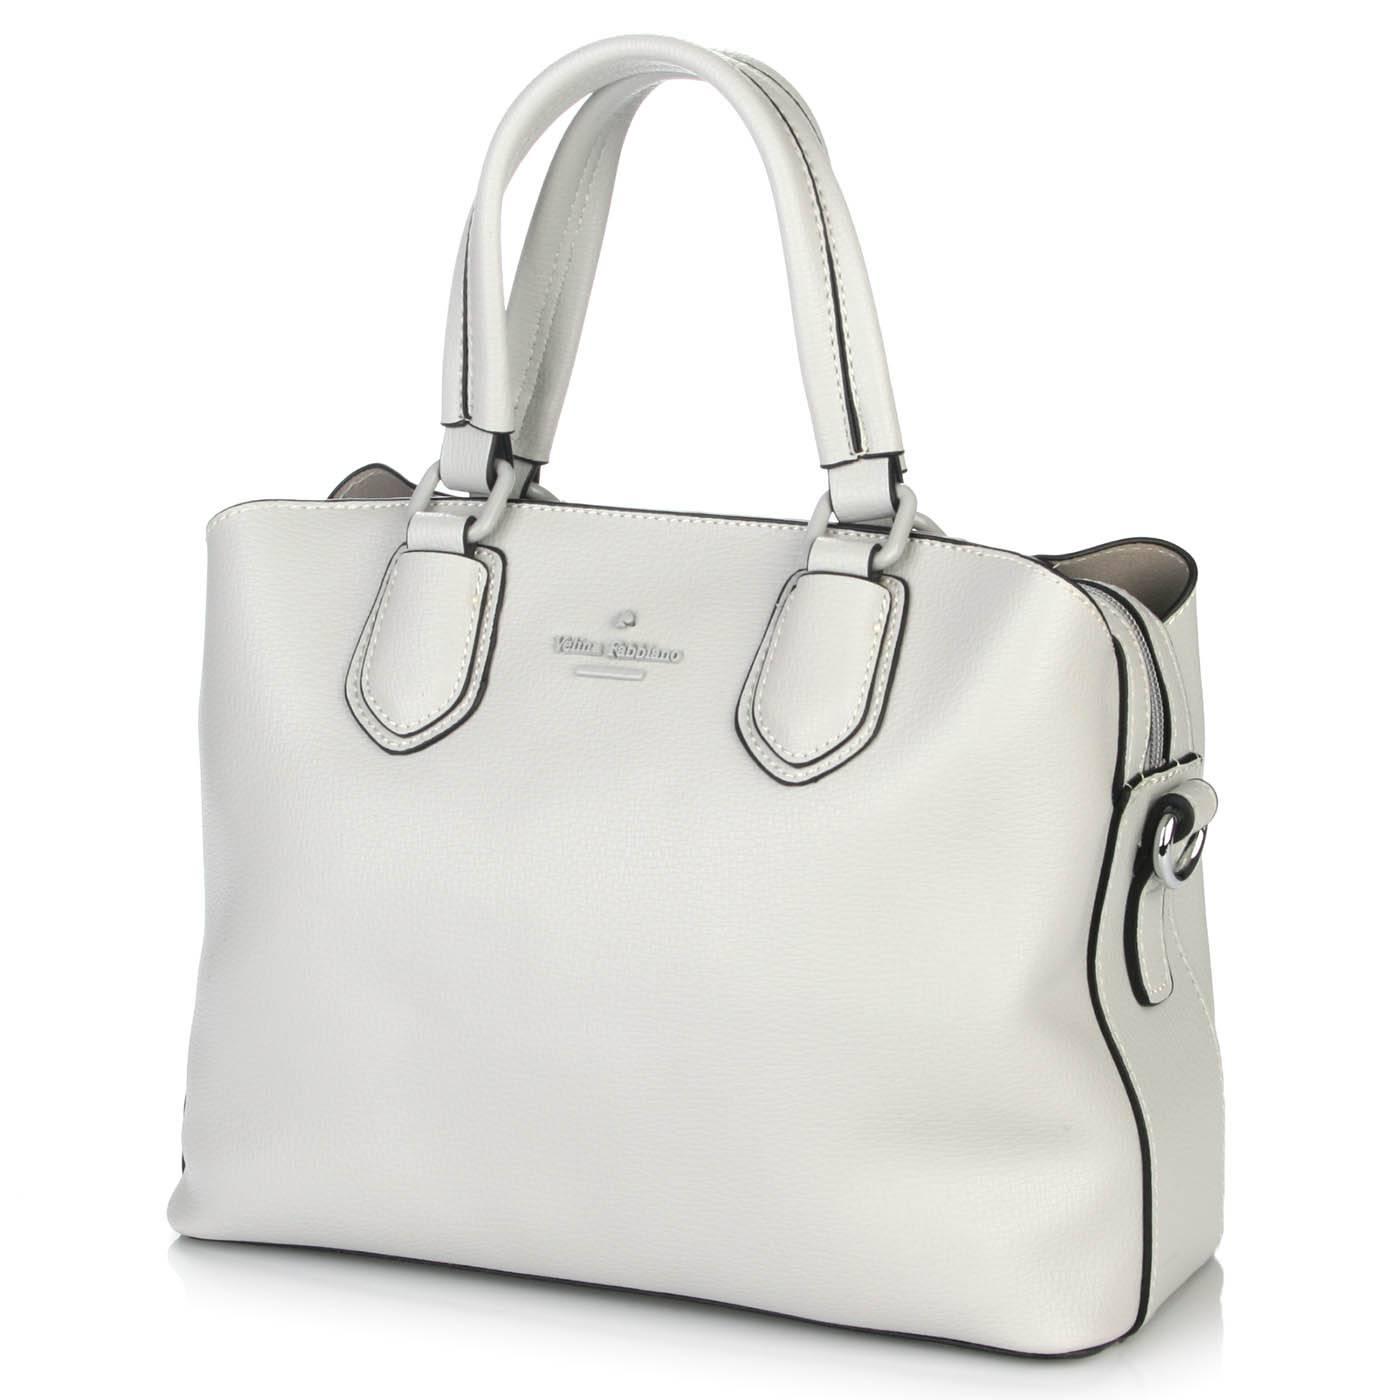 756d08a12b1e Сумка женская Velina Fabbiano 7535 Серый купить по выгодной цене в ...